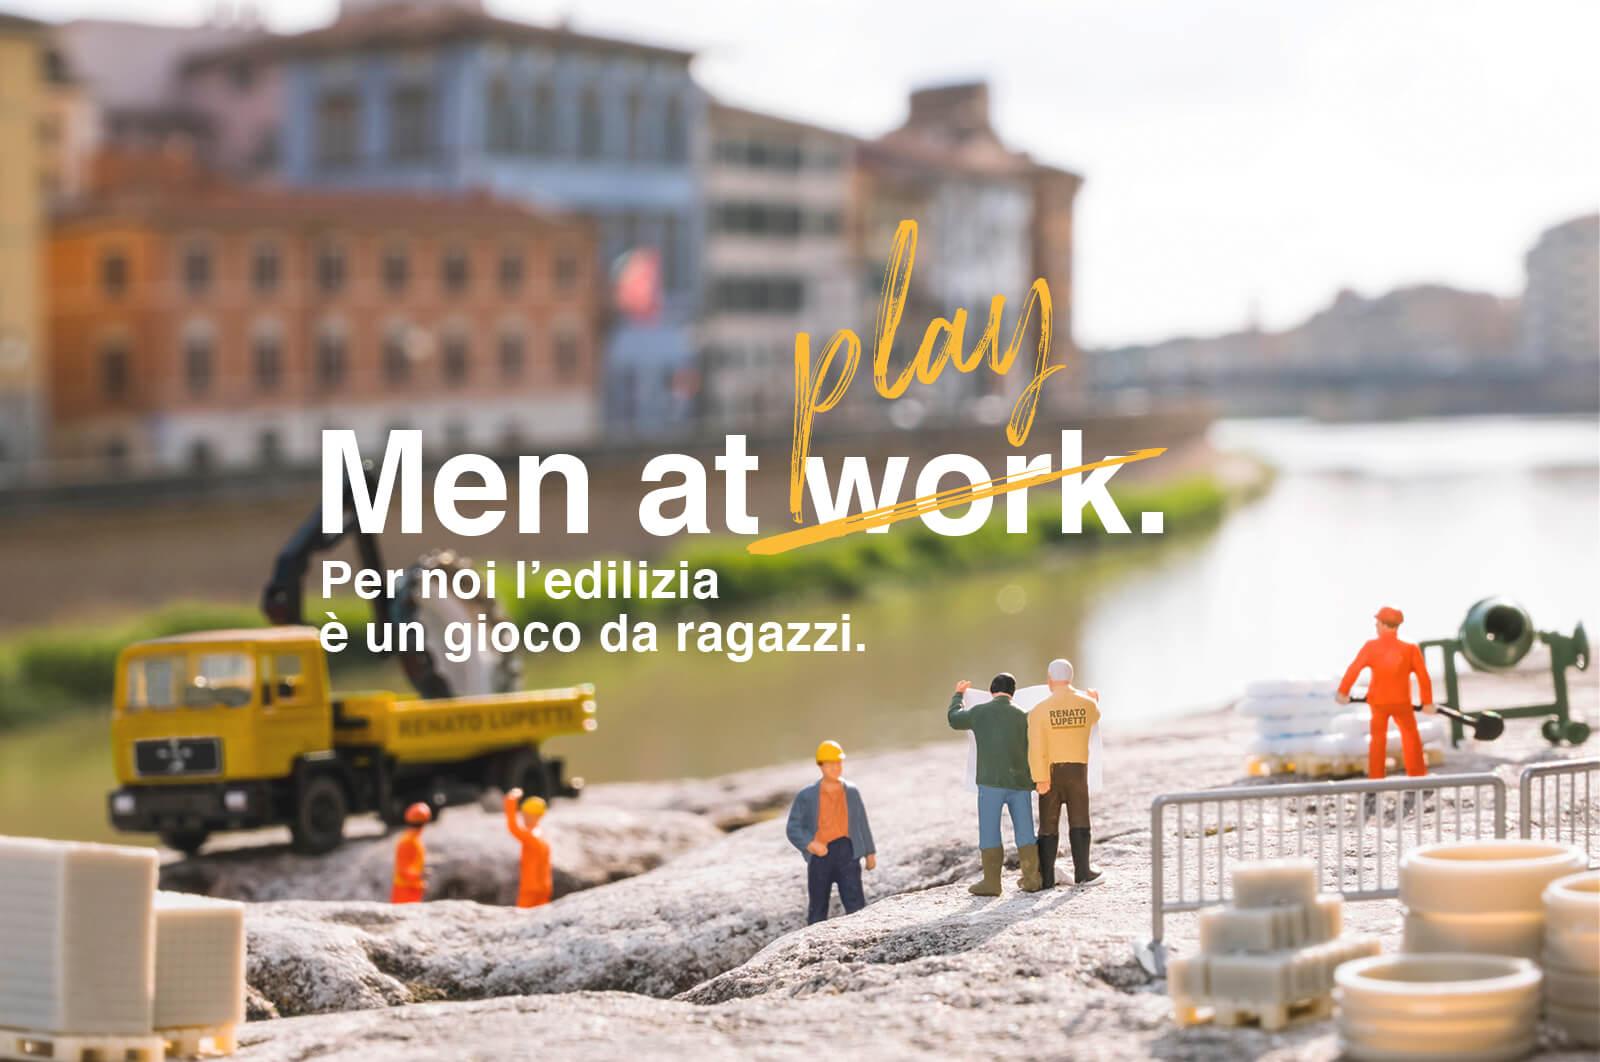 Men at play/work. Per noi l'edilizia è un gioco da ragazzi.